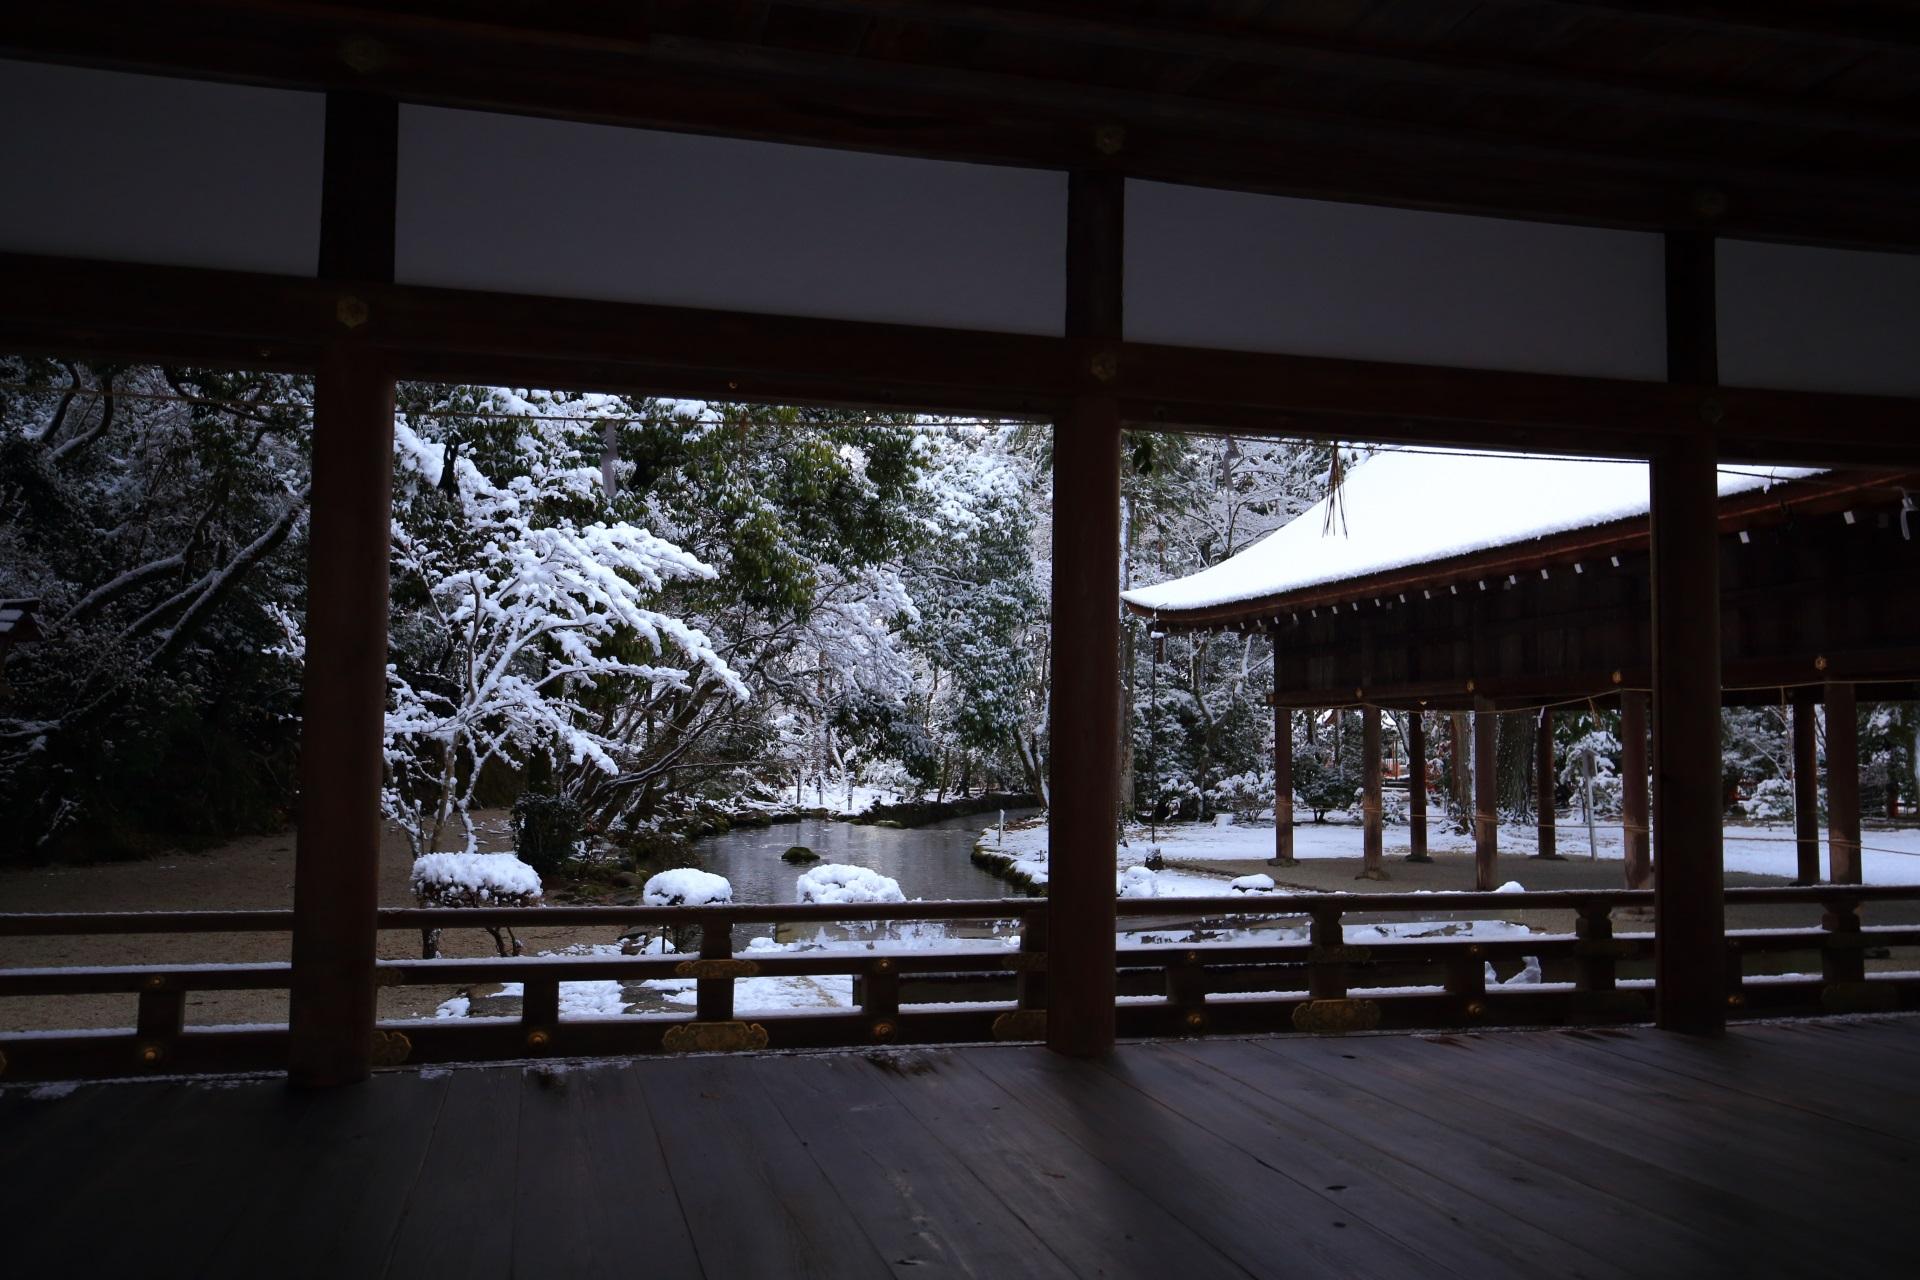 上賀茂神社の橋殿の額縁の雪景色